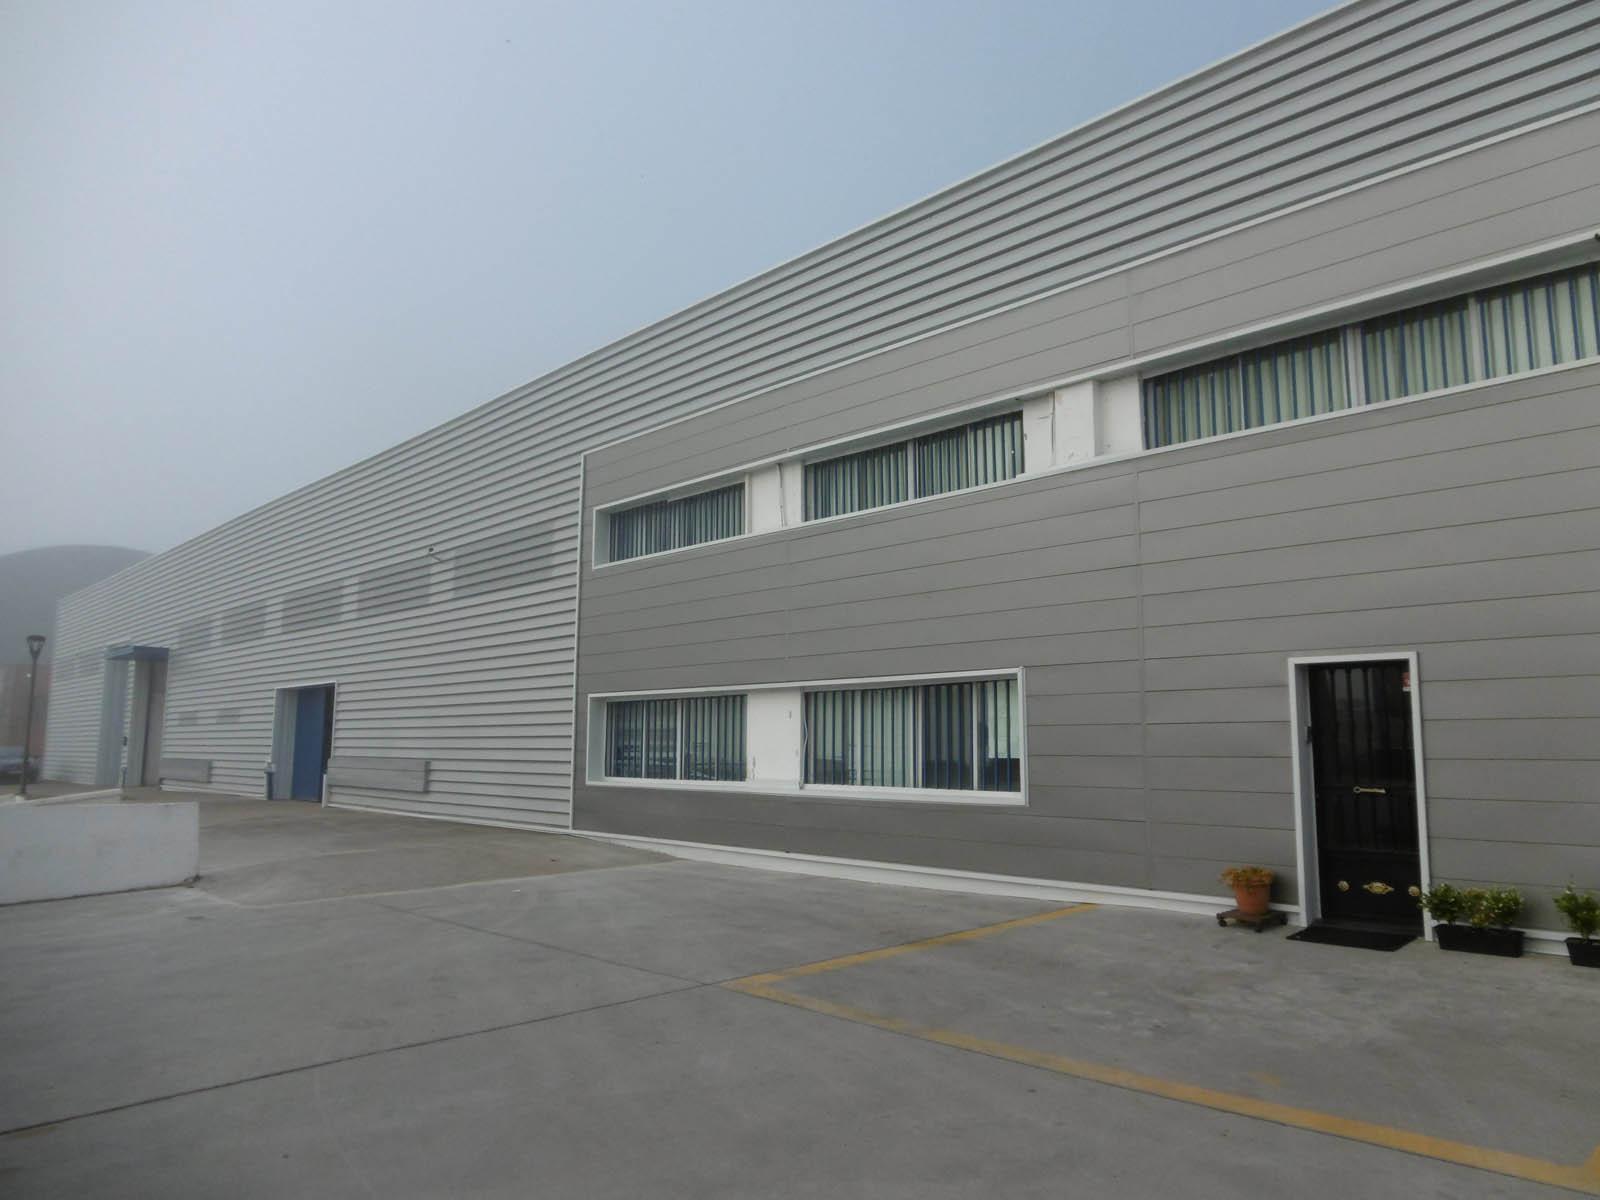 Fachadas de indafer tipos de revestimientos de fachadas - Tipos de revestimientos de fachadas ...